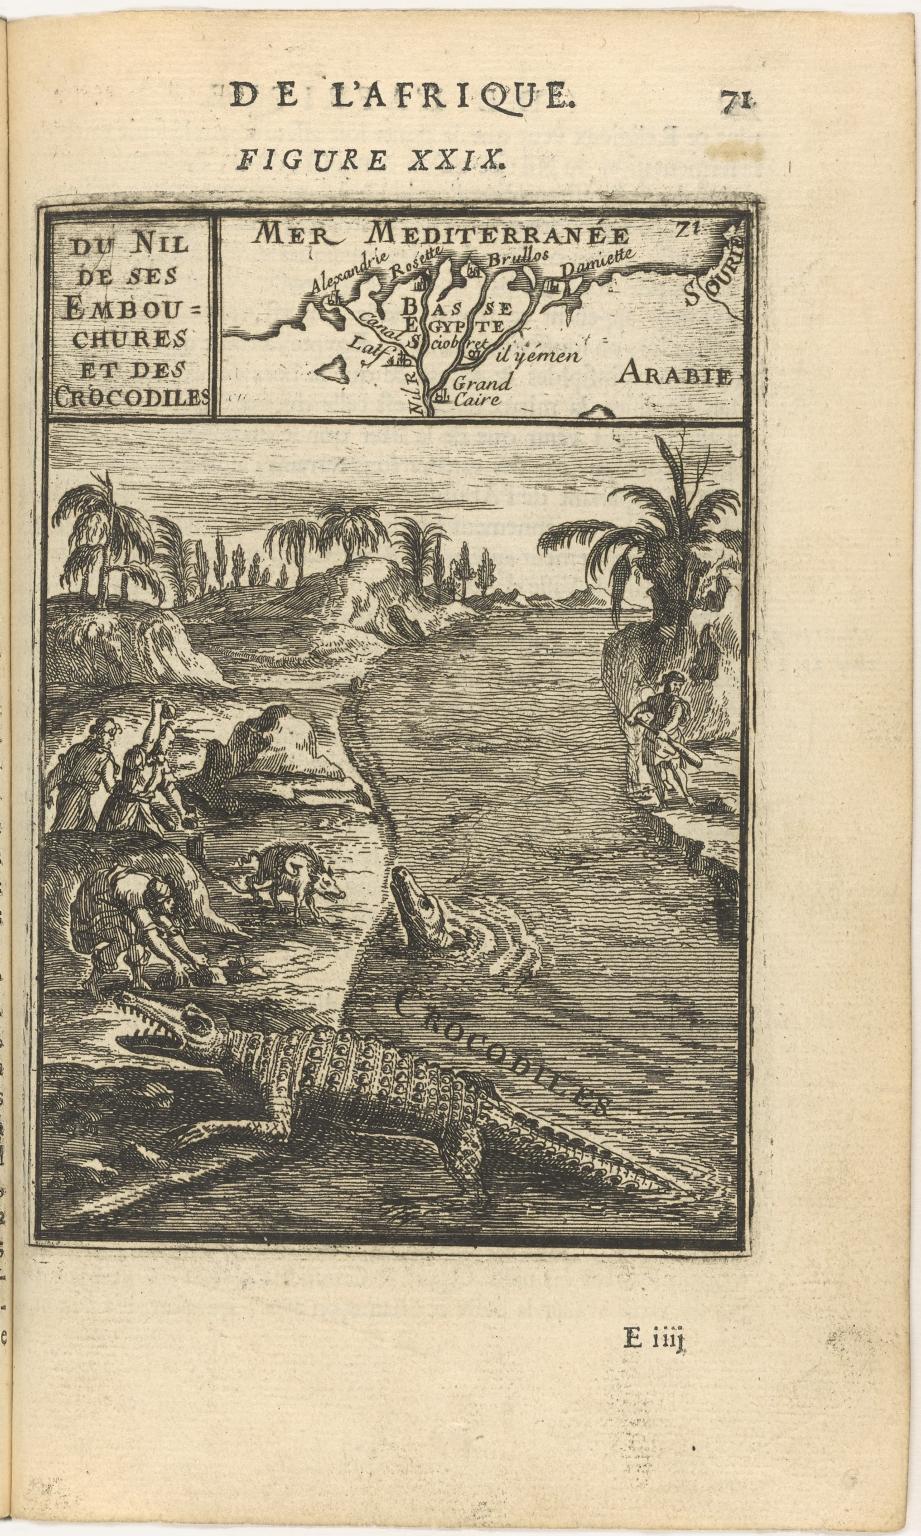 Du Nil de ses Embouchures et des crocodiles